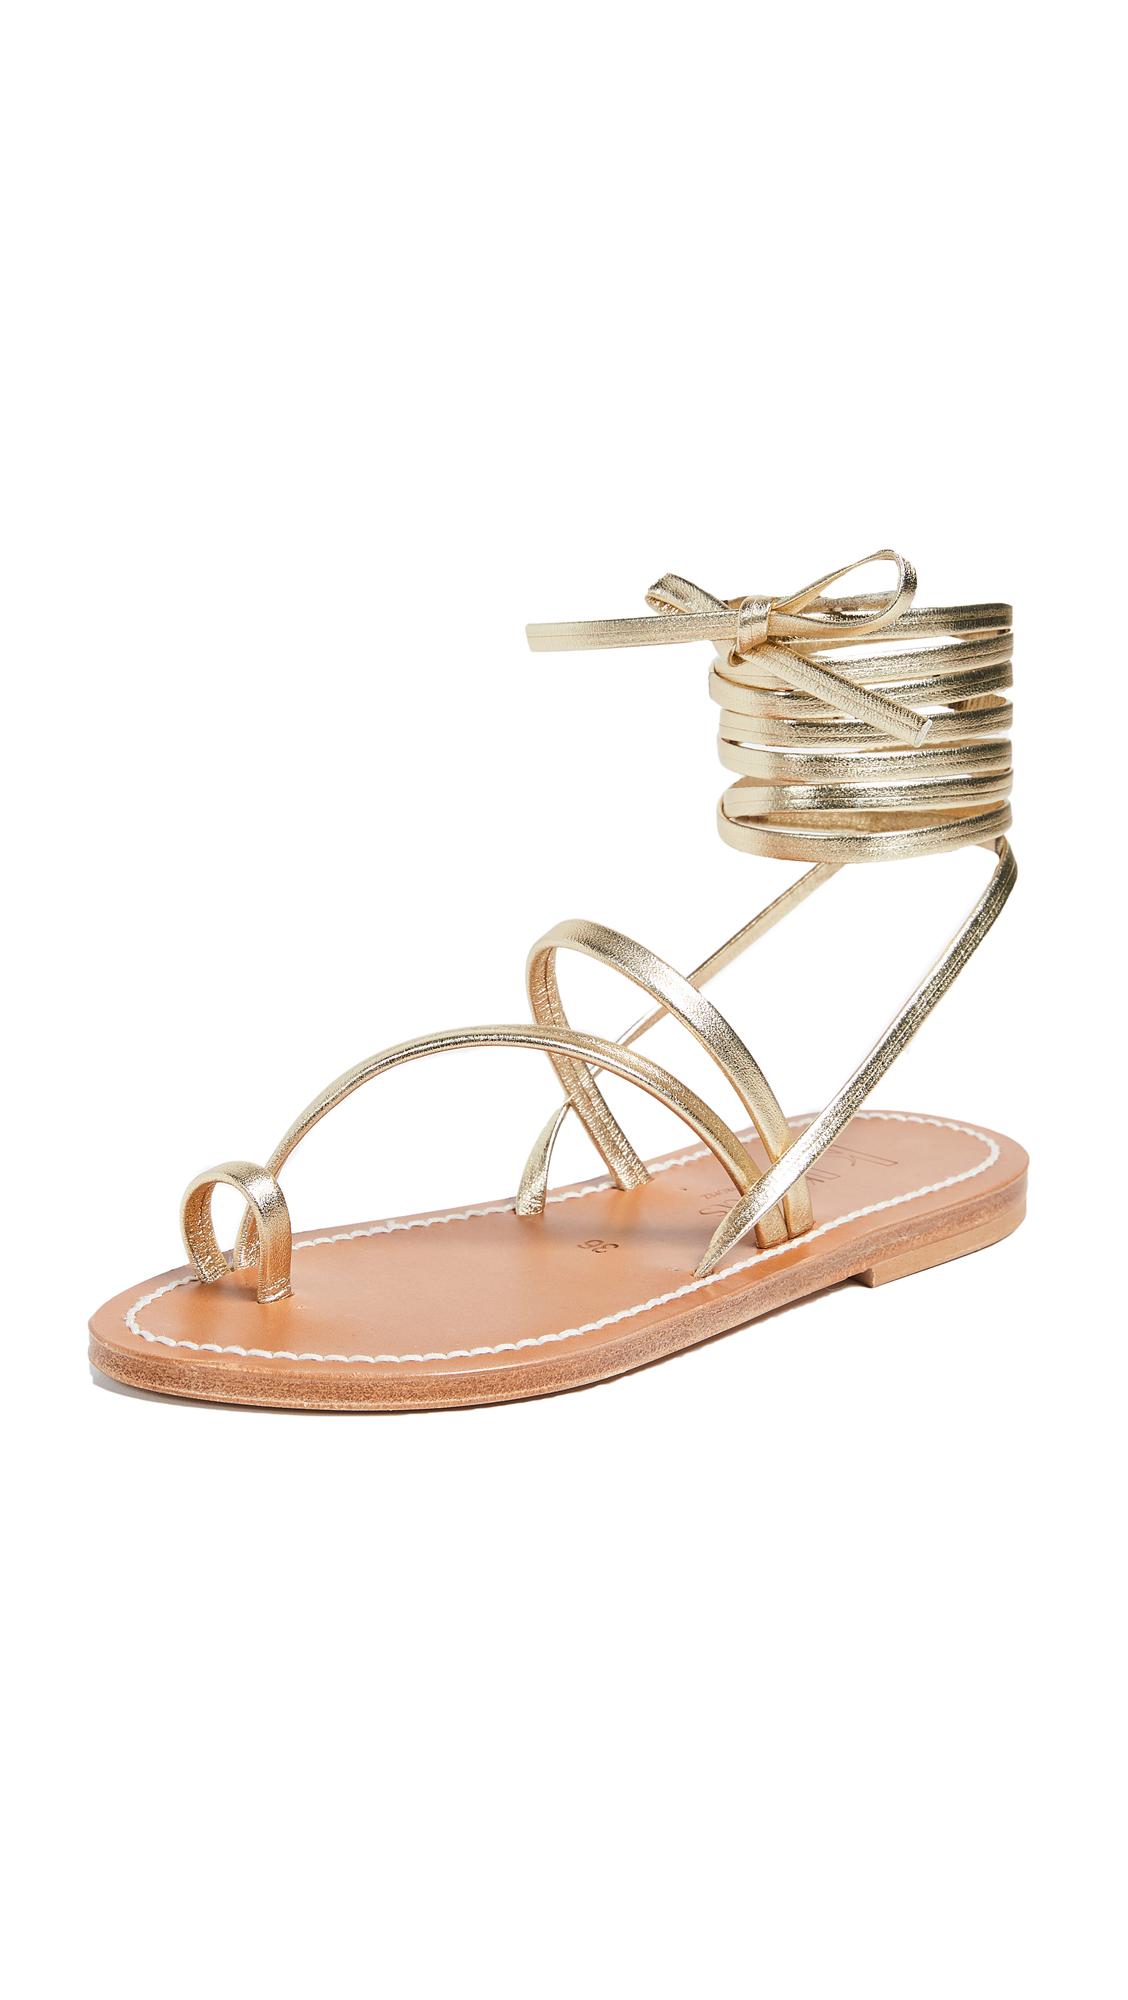 K. Jacques Ellada Wrap Sandals - Lame Platine